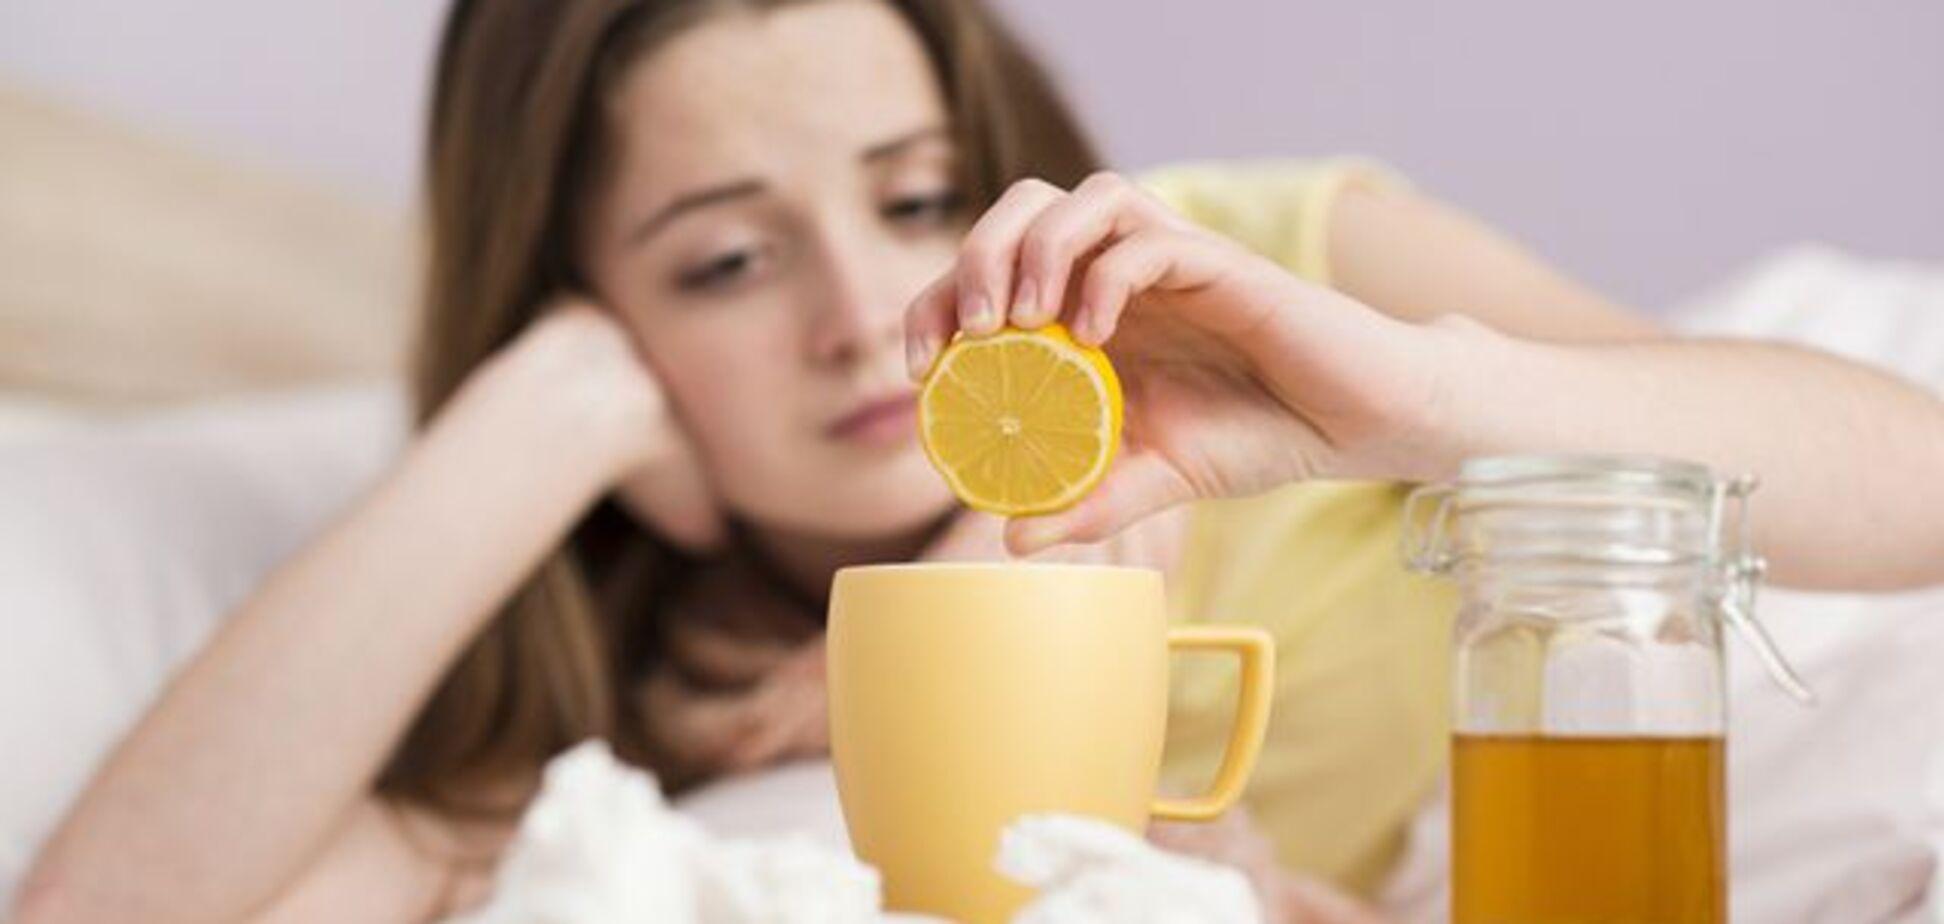 Не будьте дикарями! Комаровский рассказал, чем категорически нельзя лечить грипп и ОРВИ